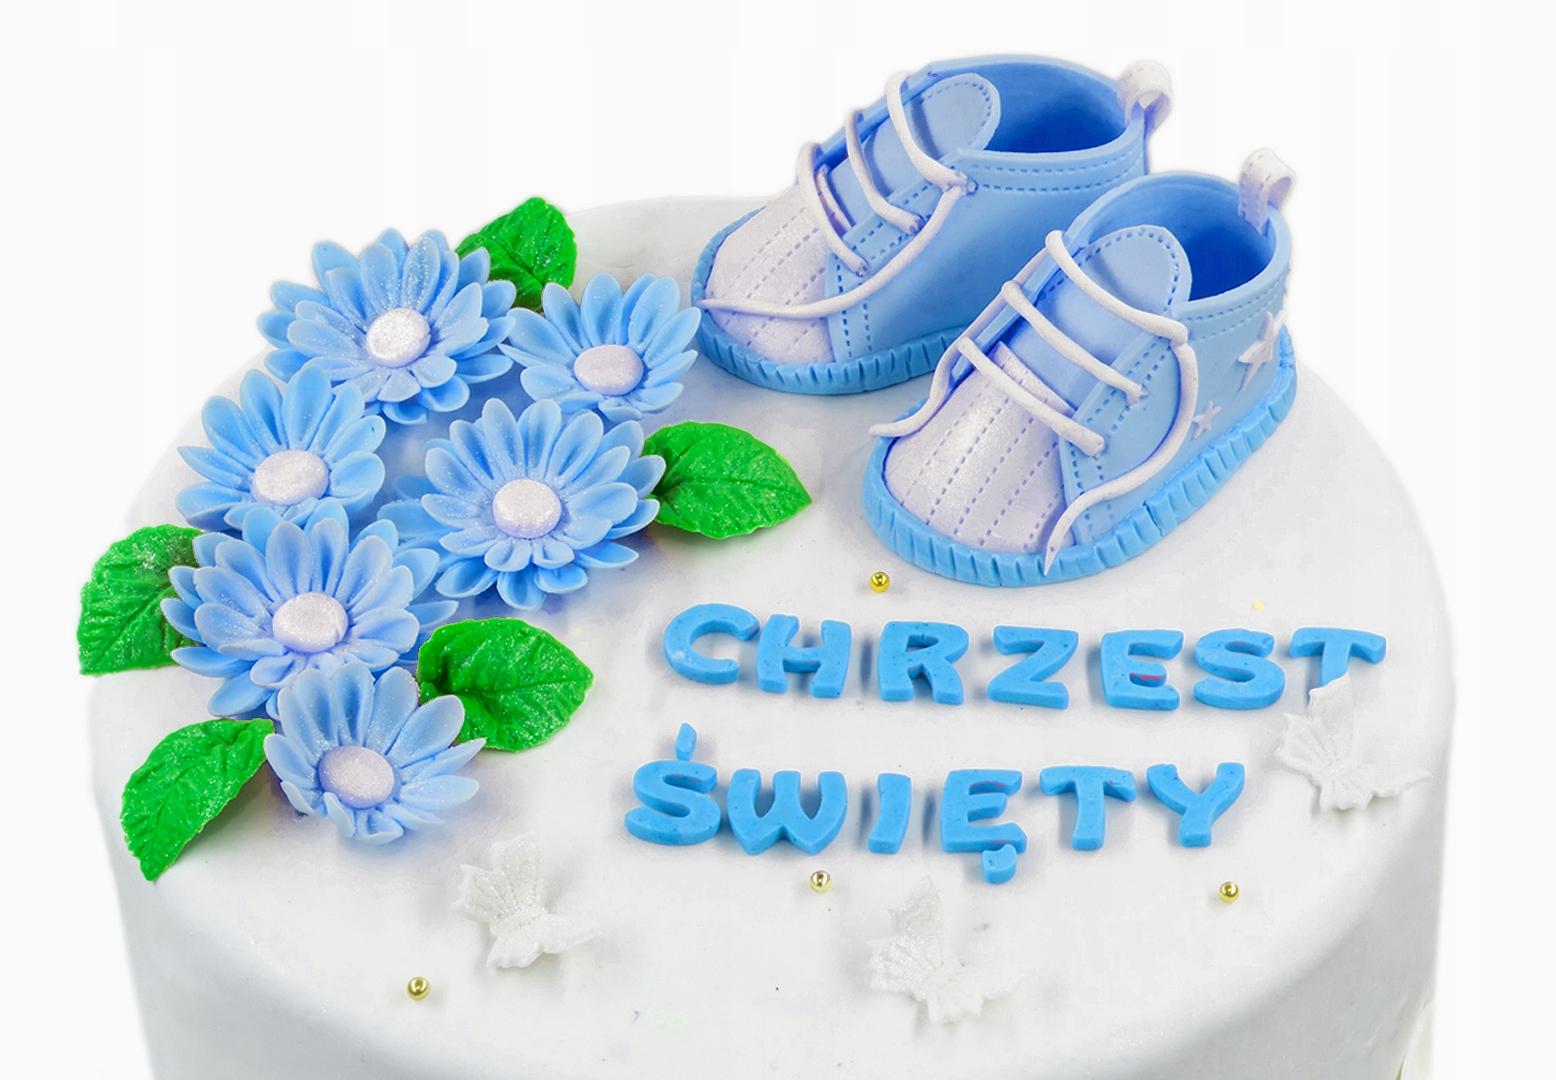 Dekorácie,domáce dekorácie na torty z množstva cukrovej trstiny - krst